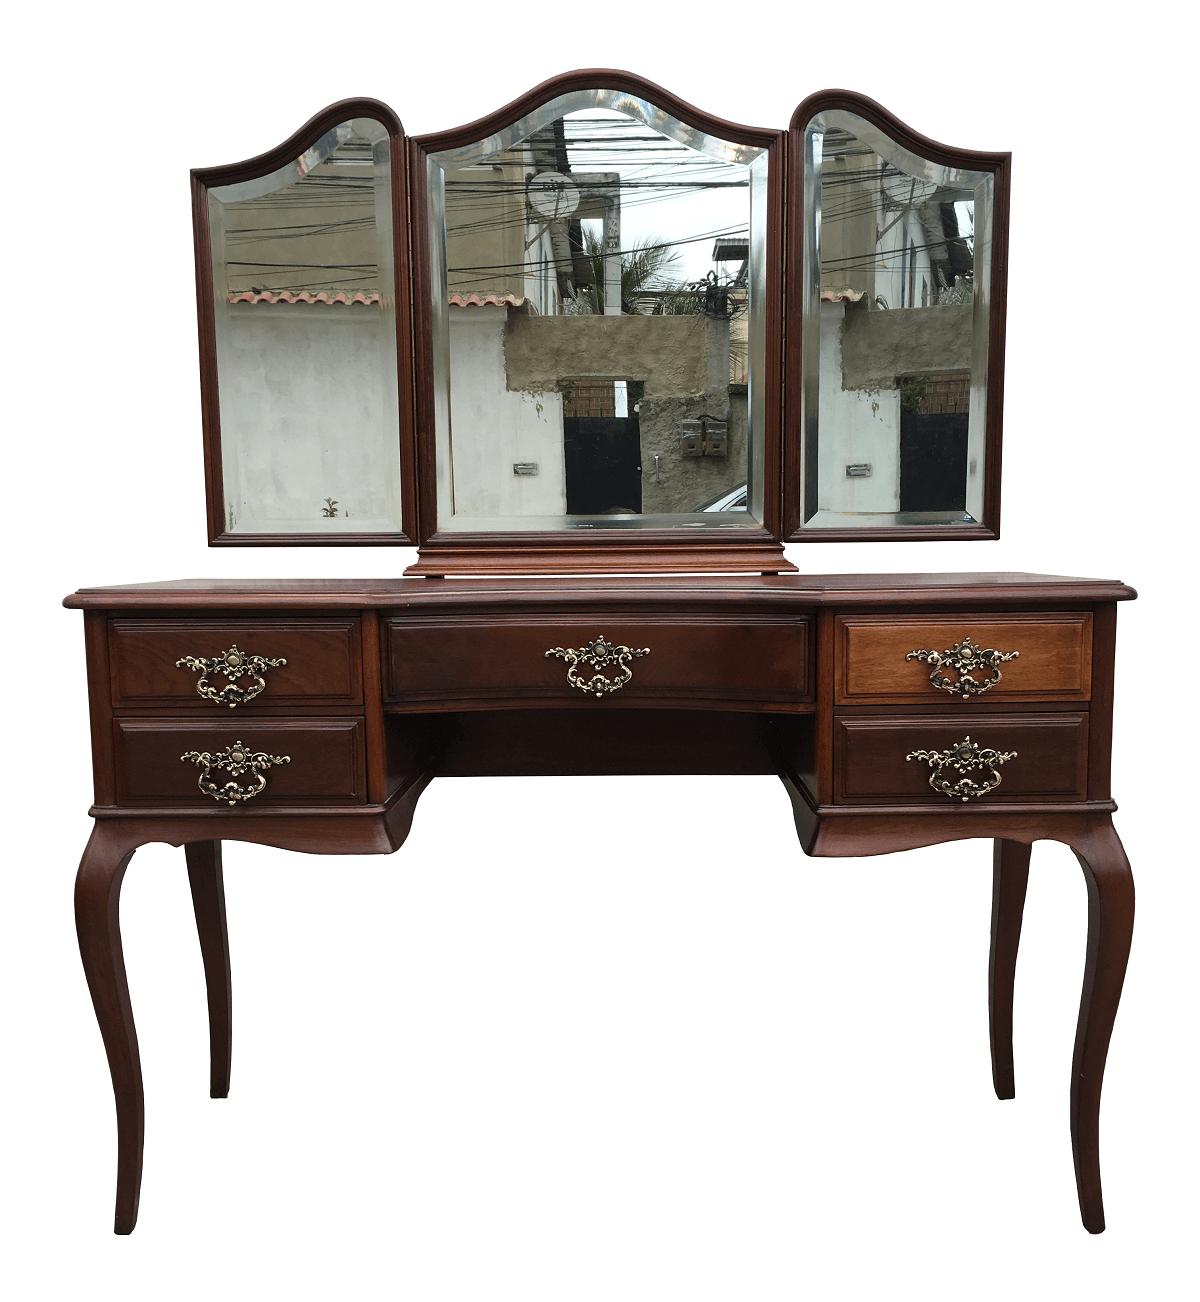 Belissima Penteadeira Chipandelle Antiga Tres Espelhos Perfeita